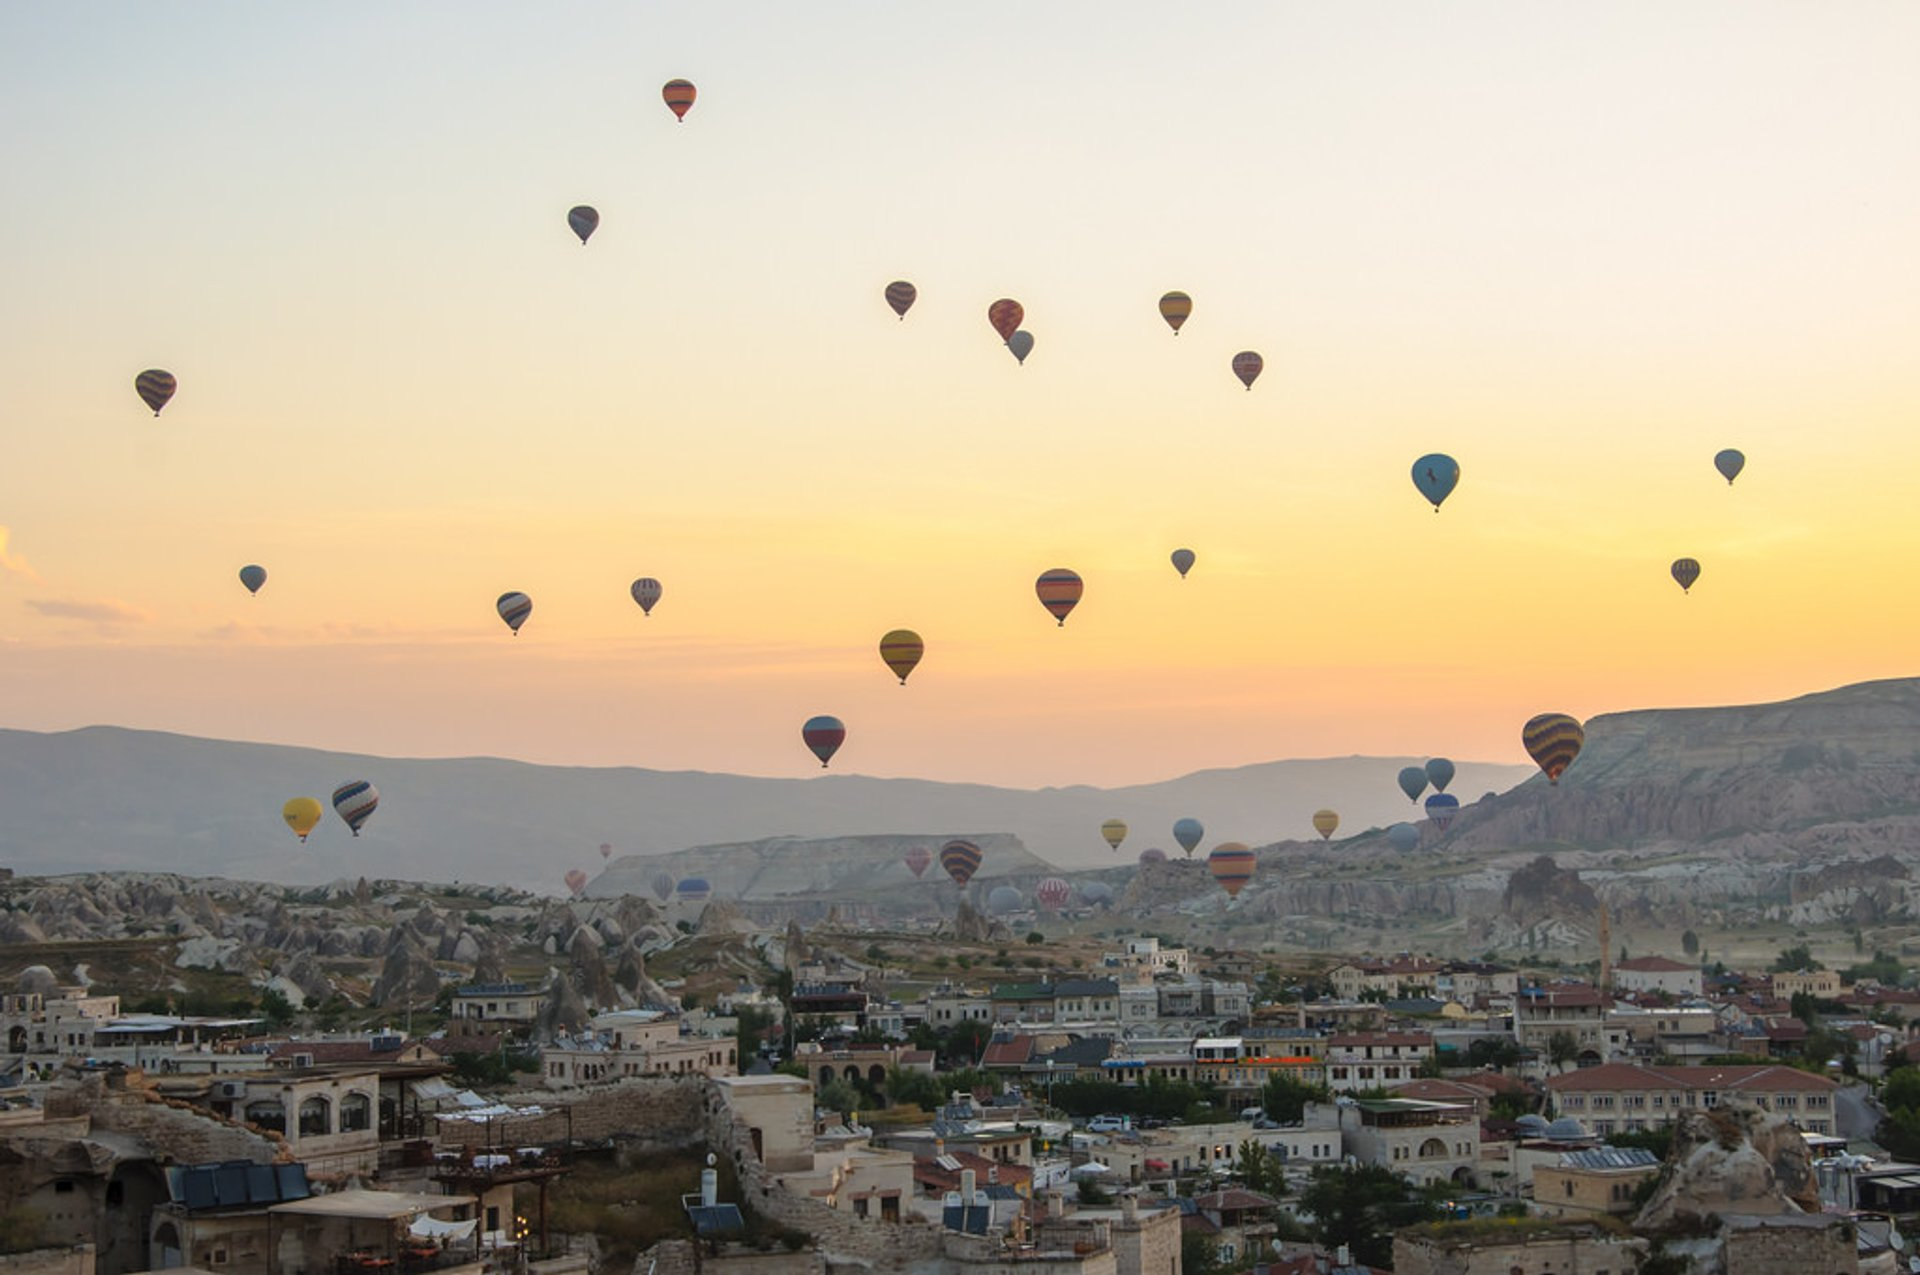 Ballooning Сhallenge in Cappadocia - Best Season